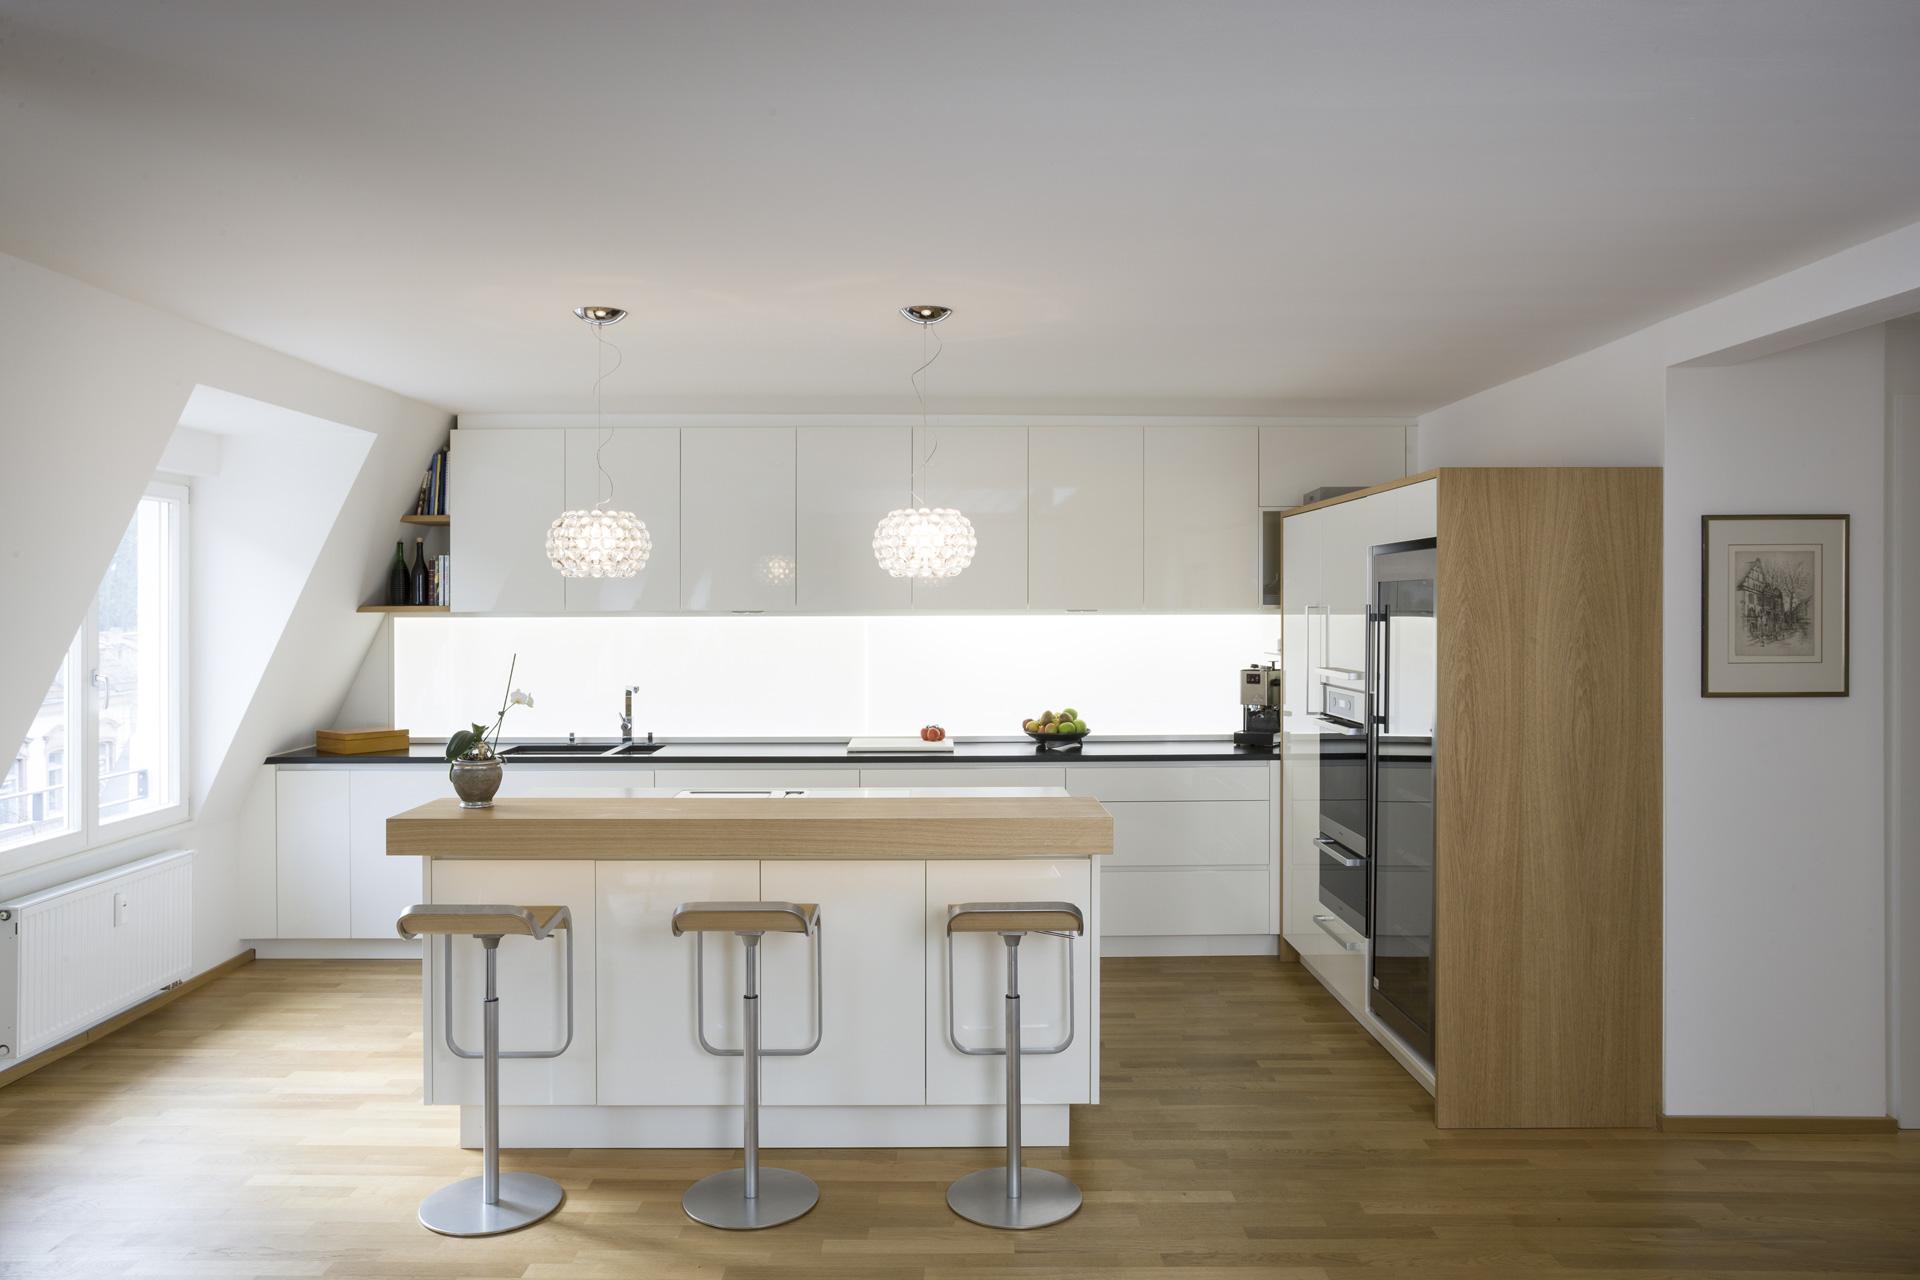 Erfreut Wohnküche Layoutbilder Ideen - Küche Set Ideen ...